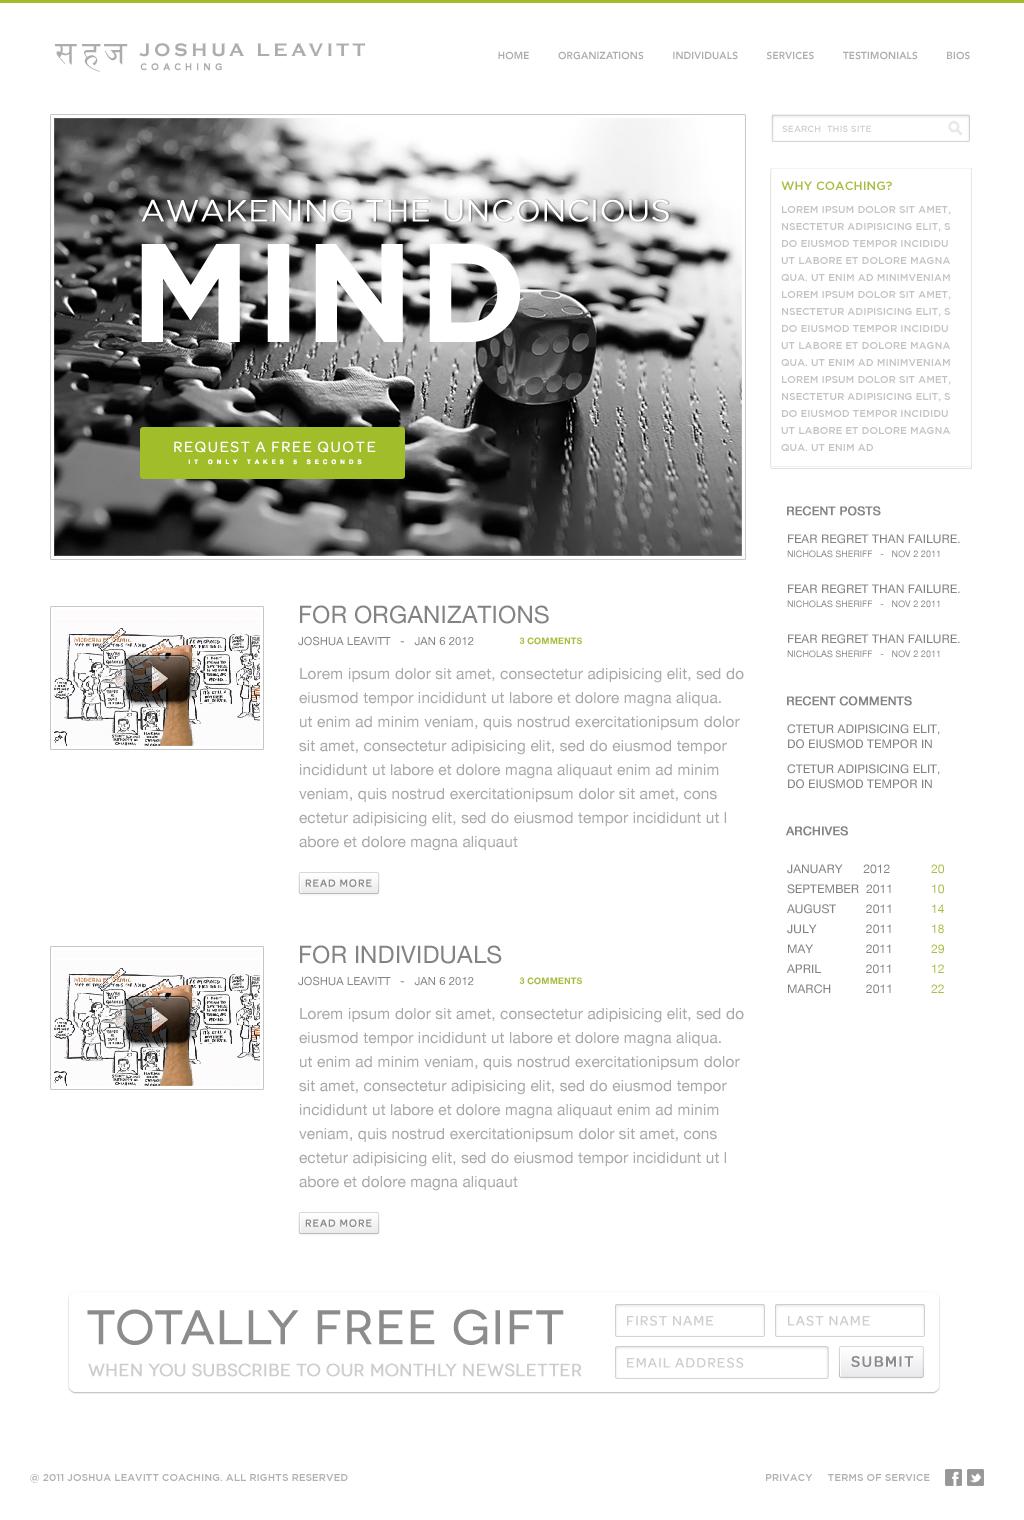 Joshua Leavitt Coaching needs a new website design